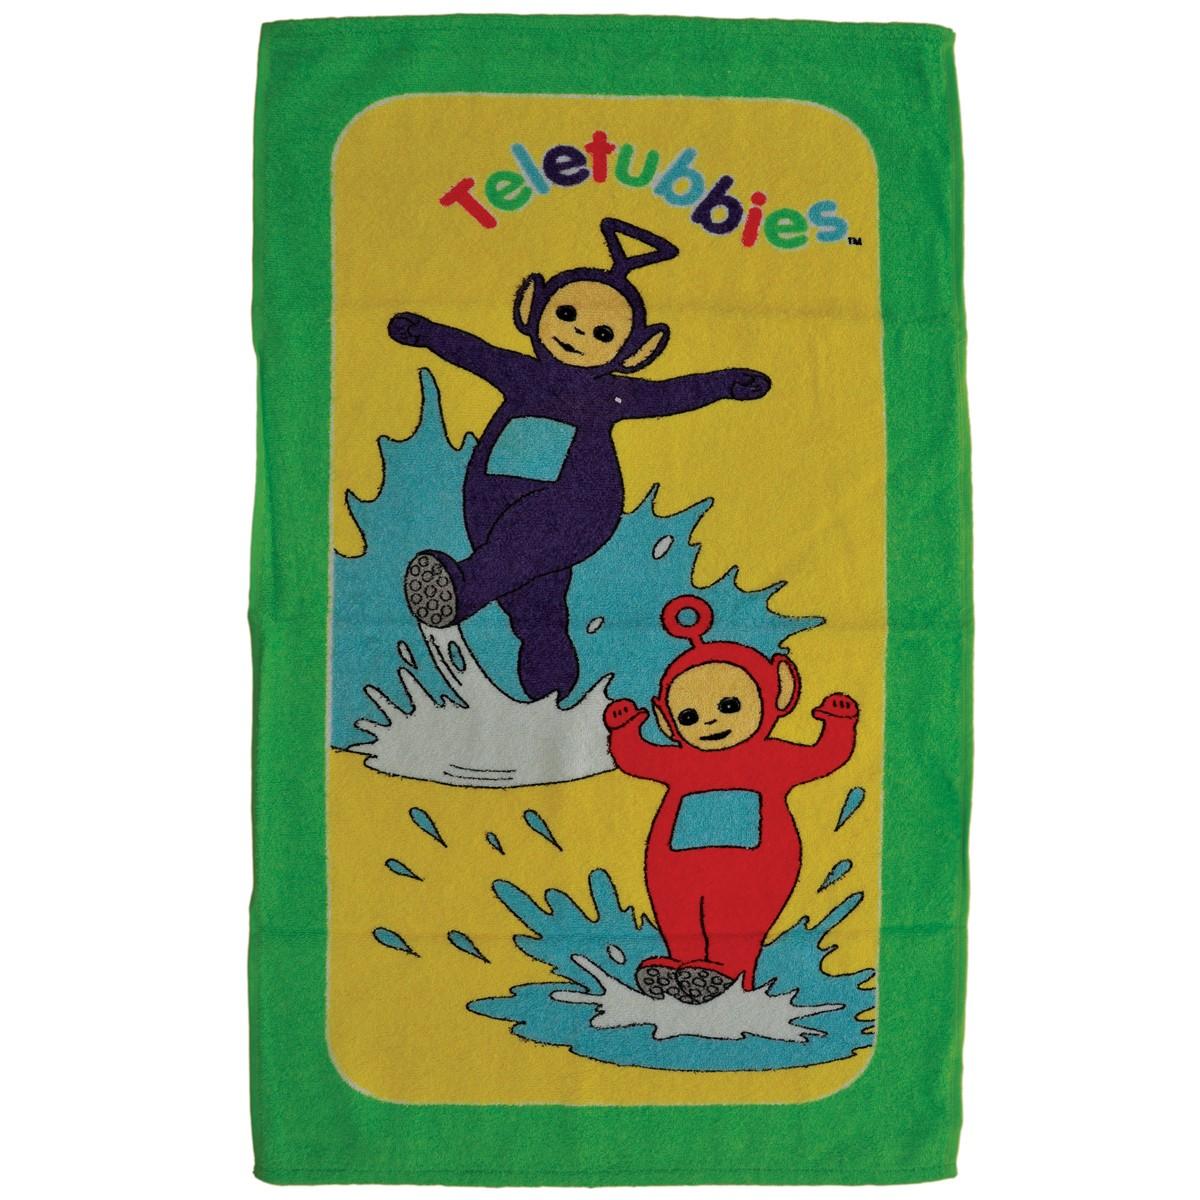 Παιδική Πετσέτα Προσώπου (50x90) Morven Teletubbies 1 home   παιδικά   πετσέτες παιδικές